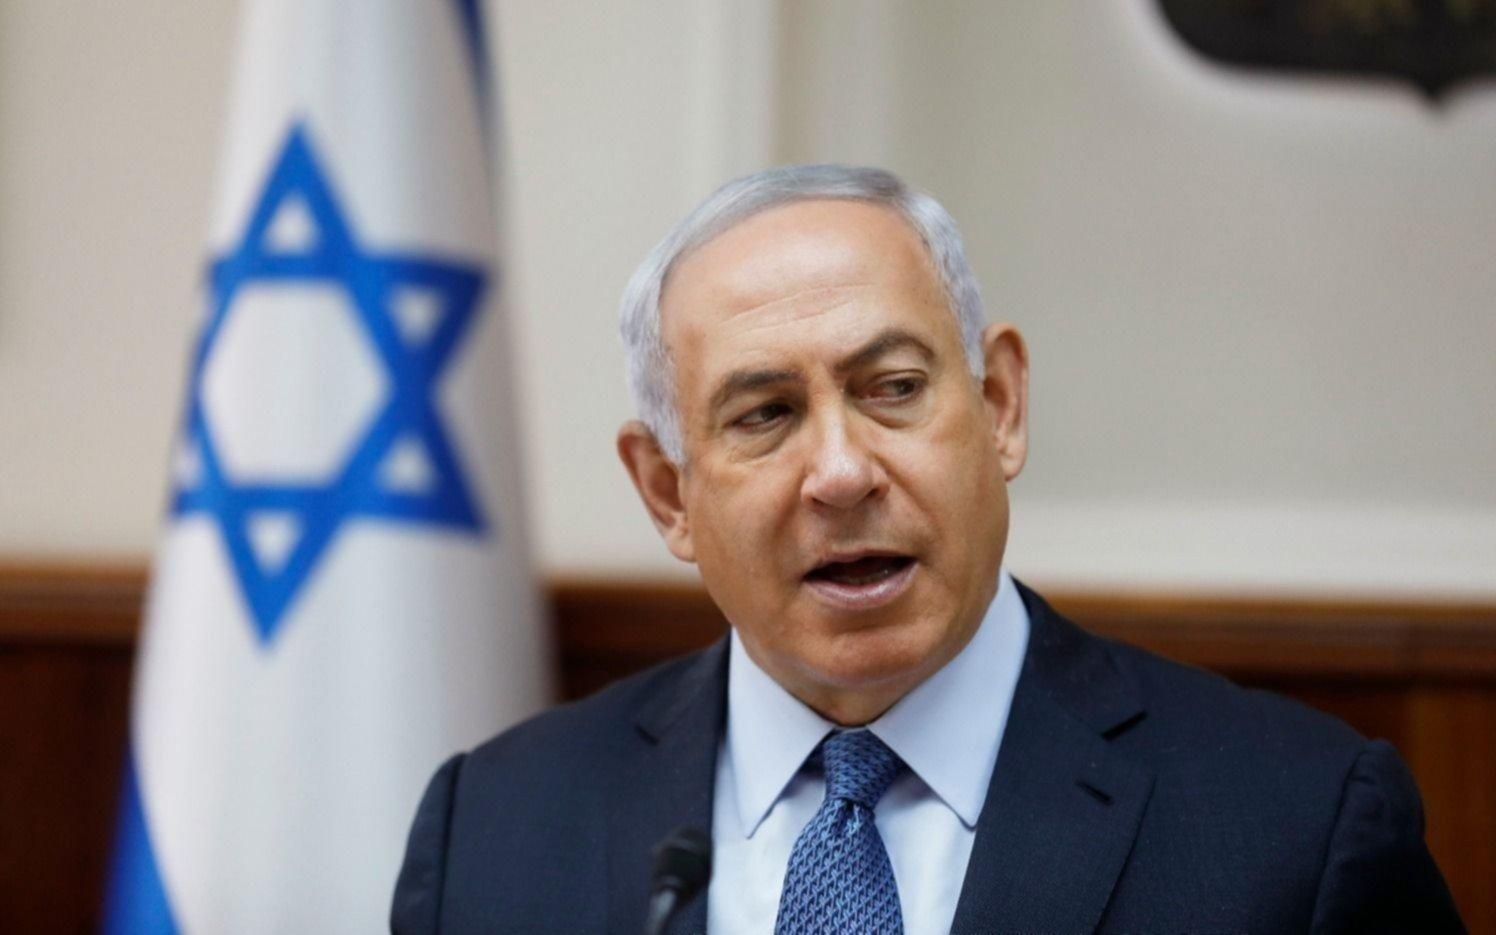 Enjuiciado por corrupción, Netanyahu suma apoyo para formar gobierno